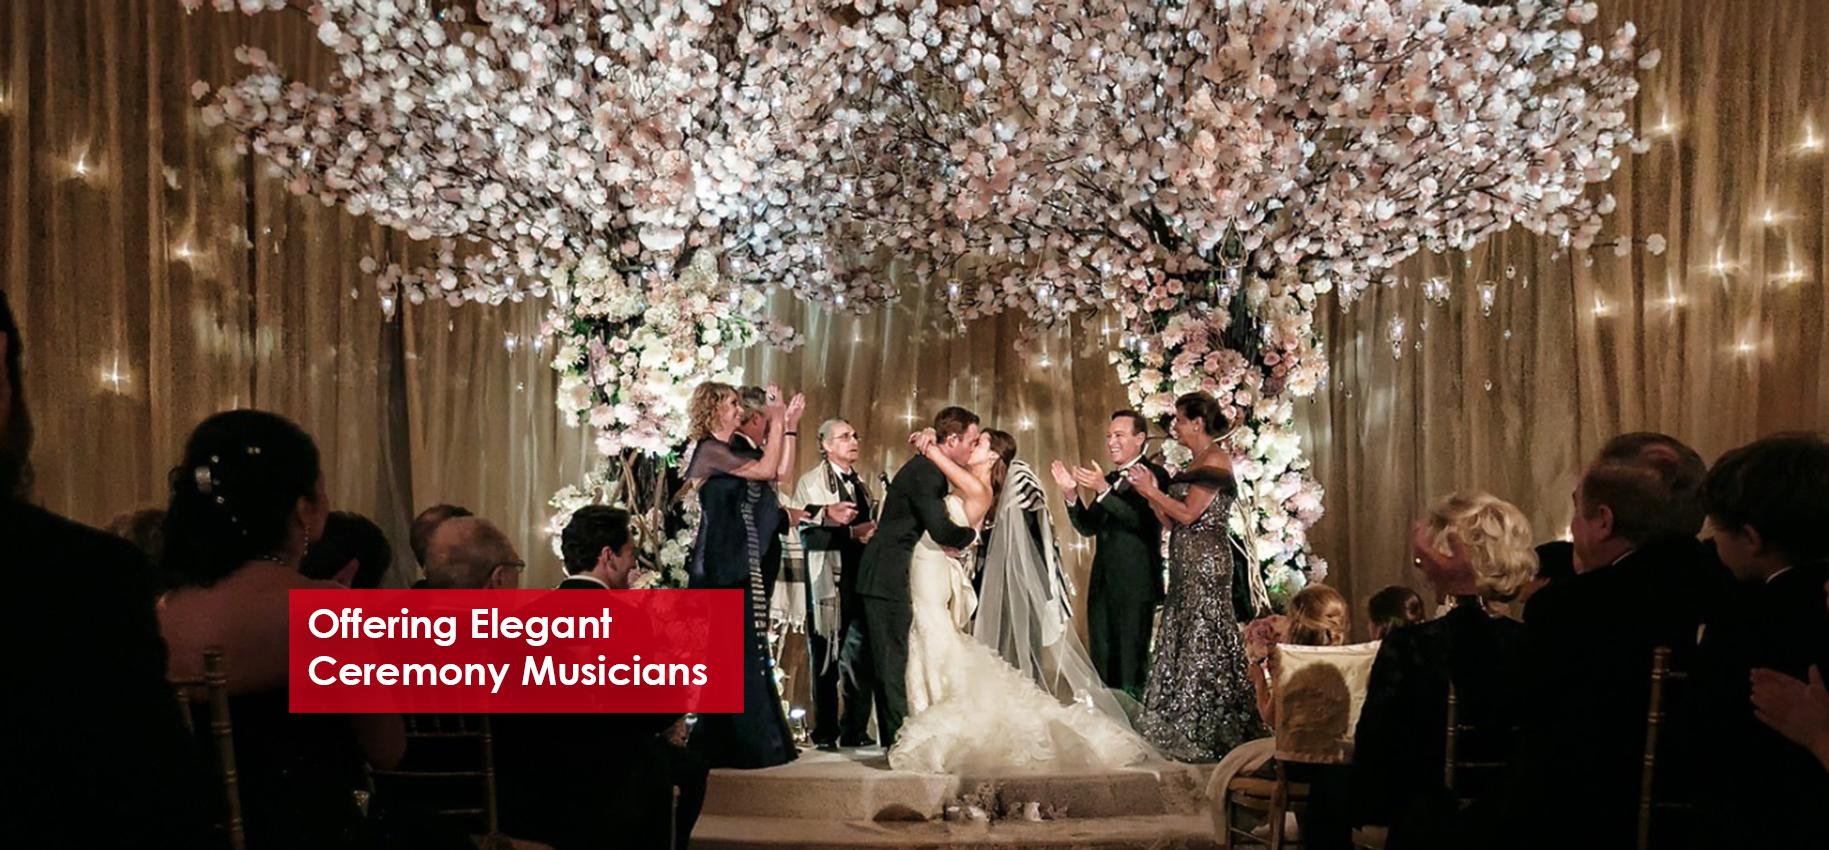 luxury-ceremony-musicians-new-york